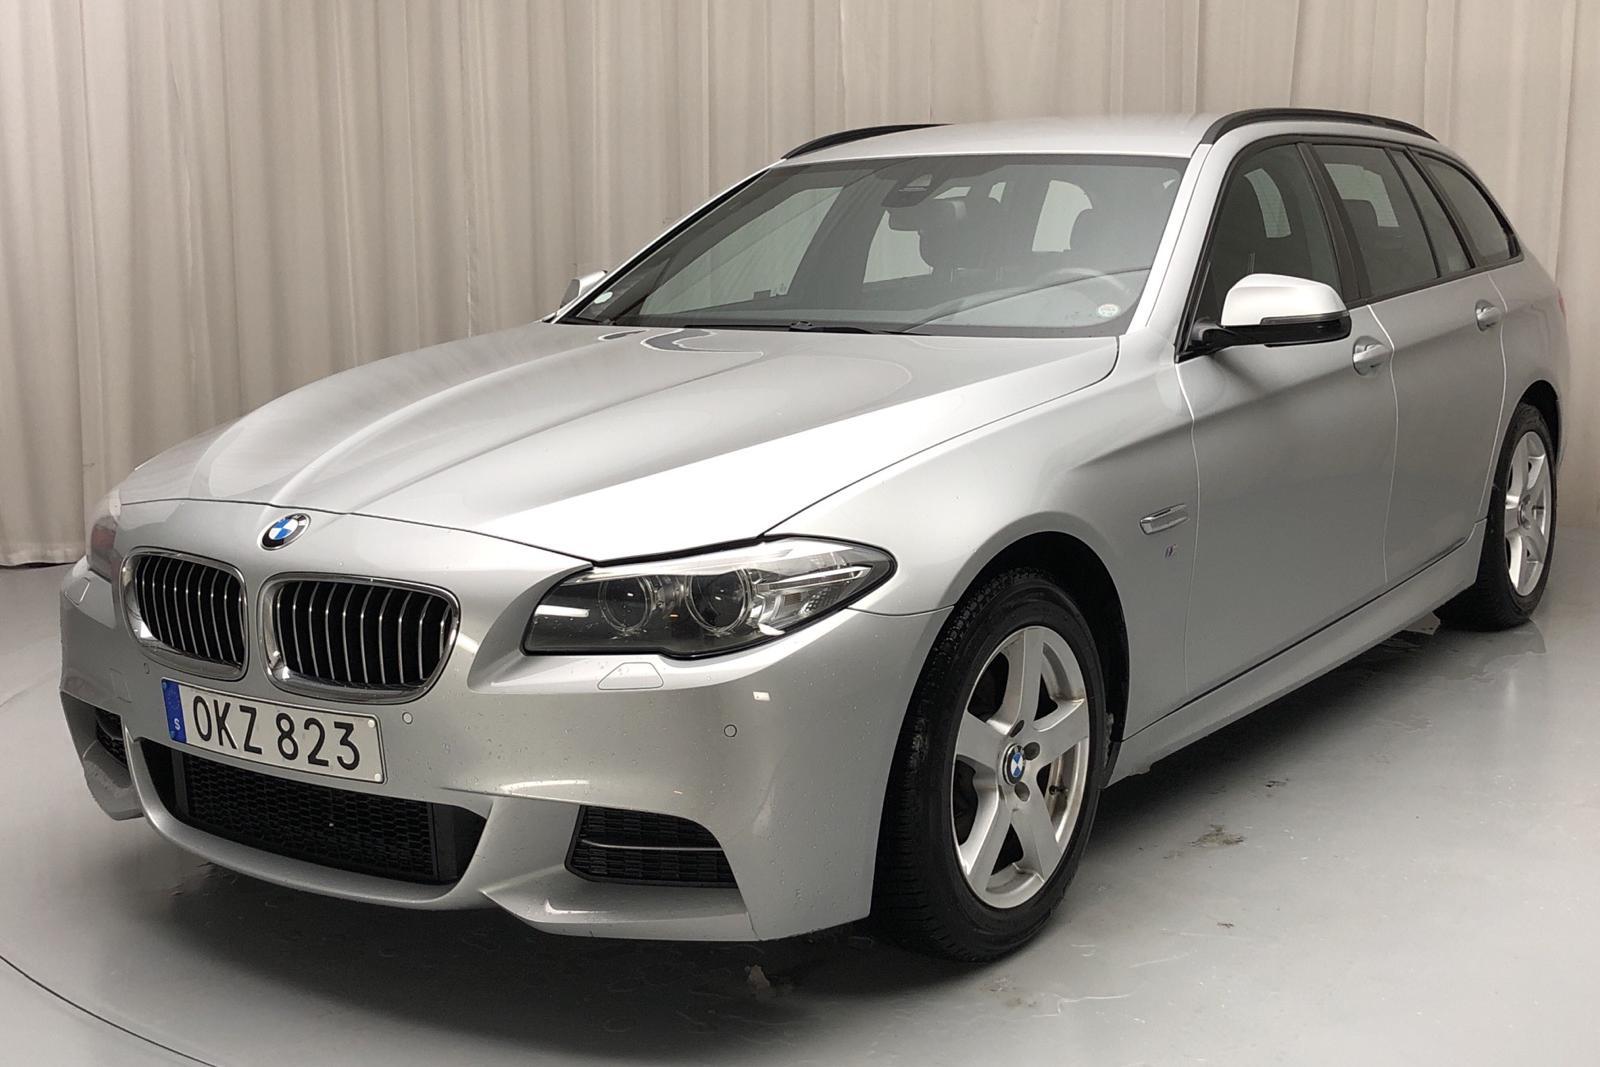 BMW 520d xDrive Touring, F11 (190hk) - 102 390 km - Automatic - silver - 2017